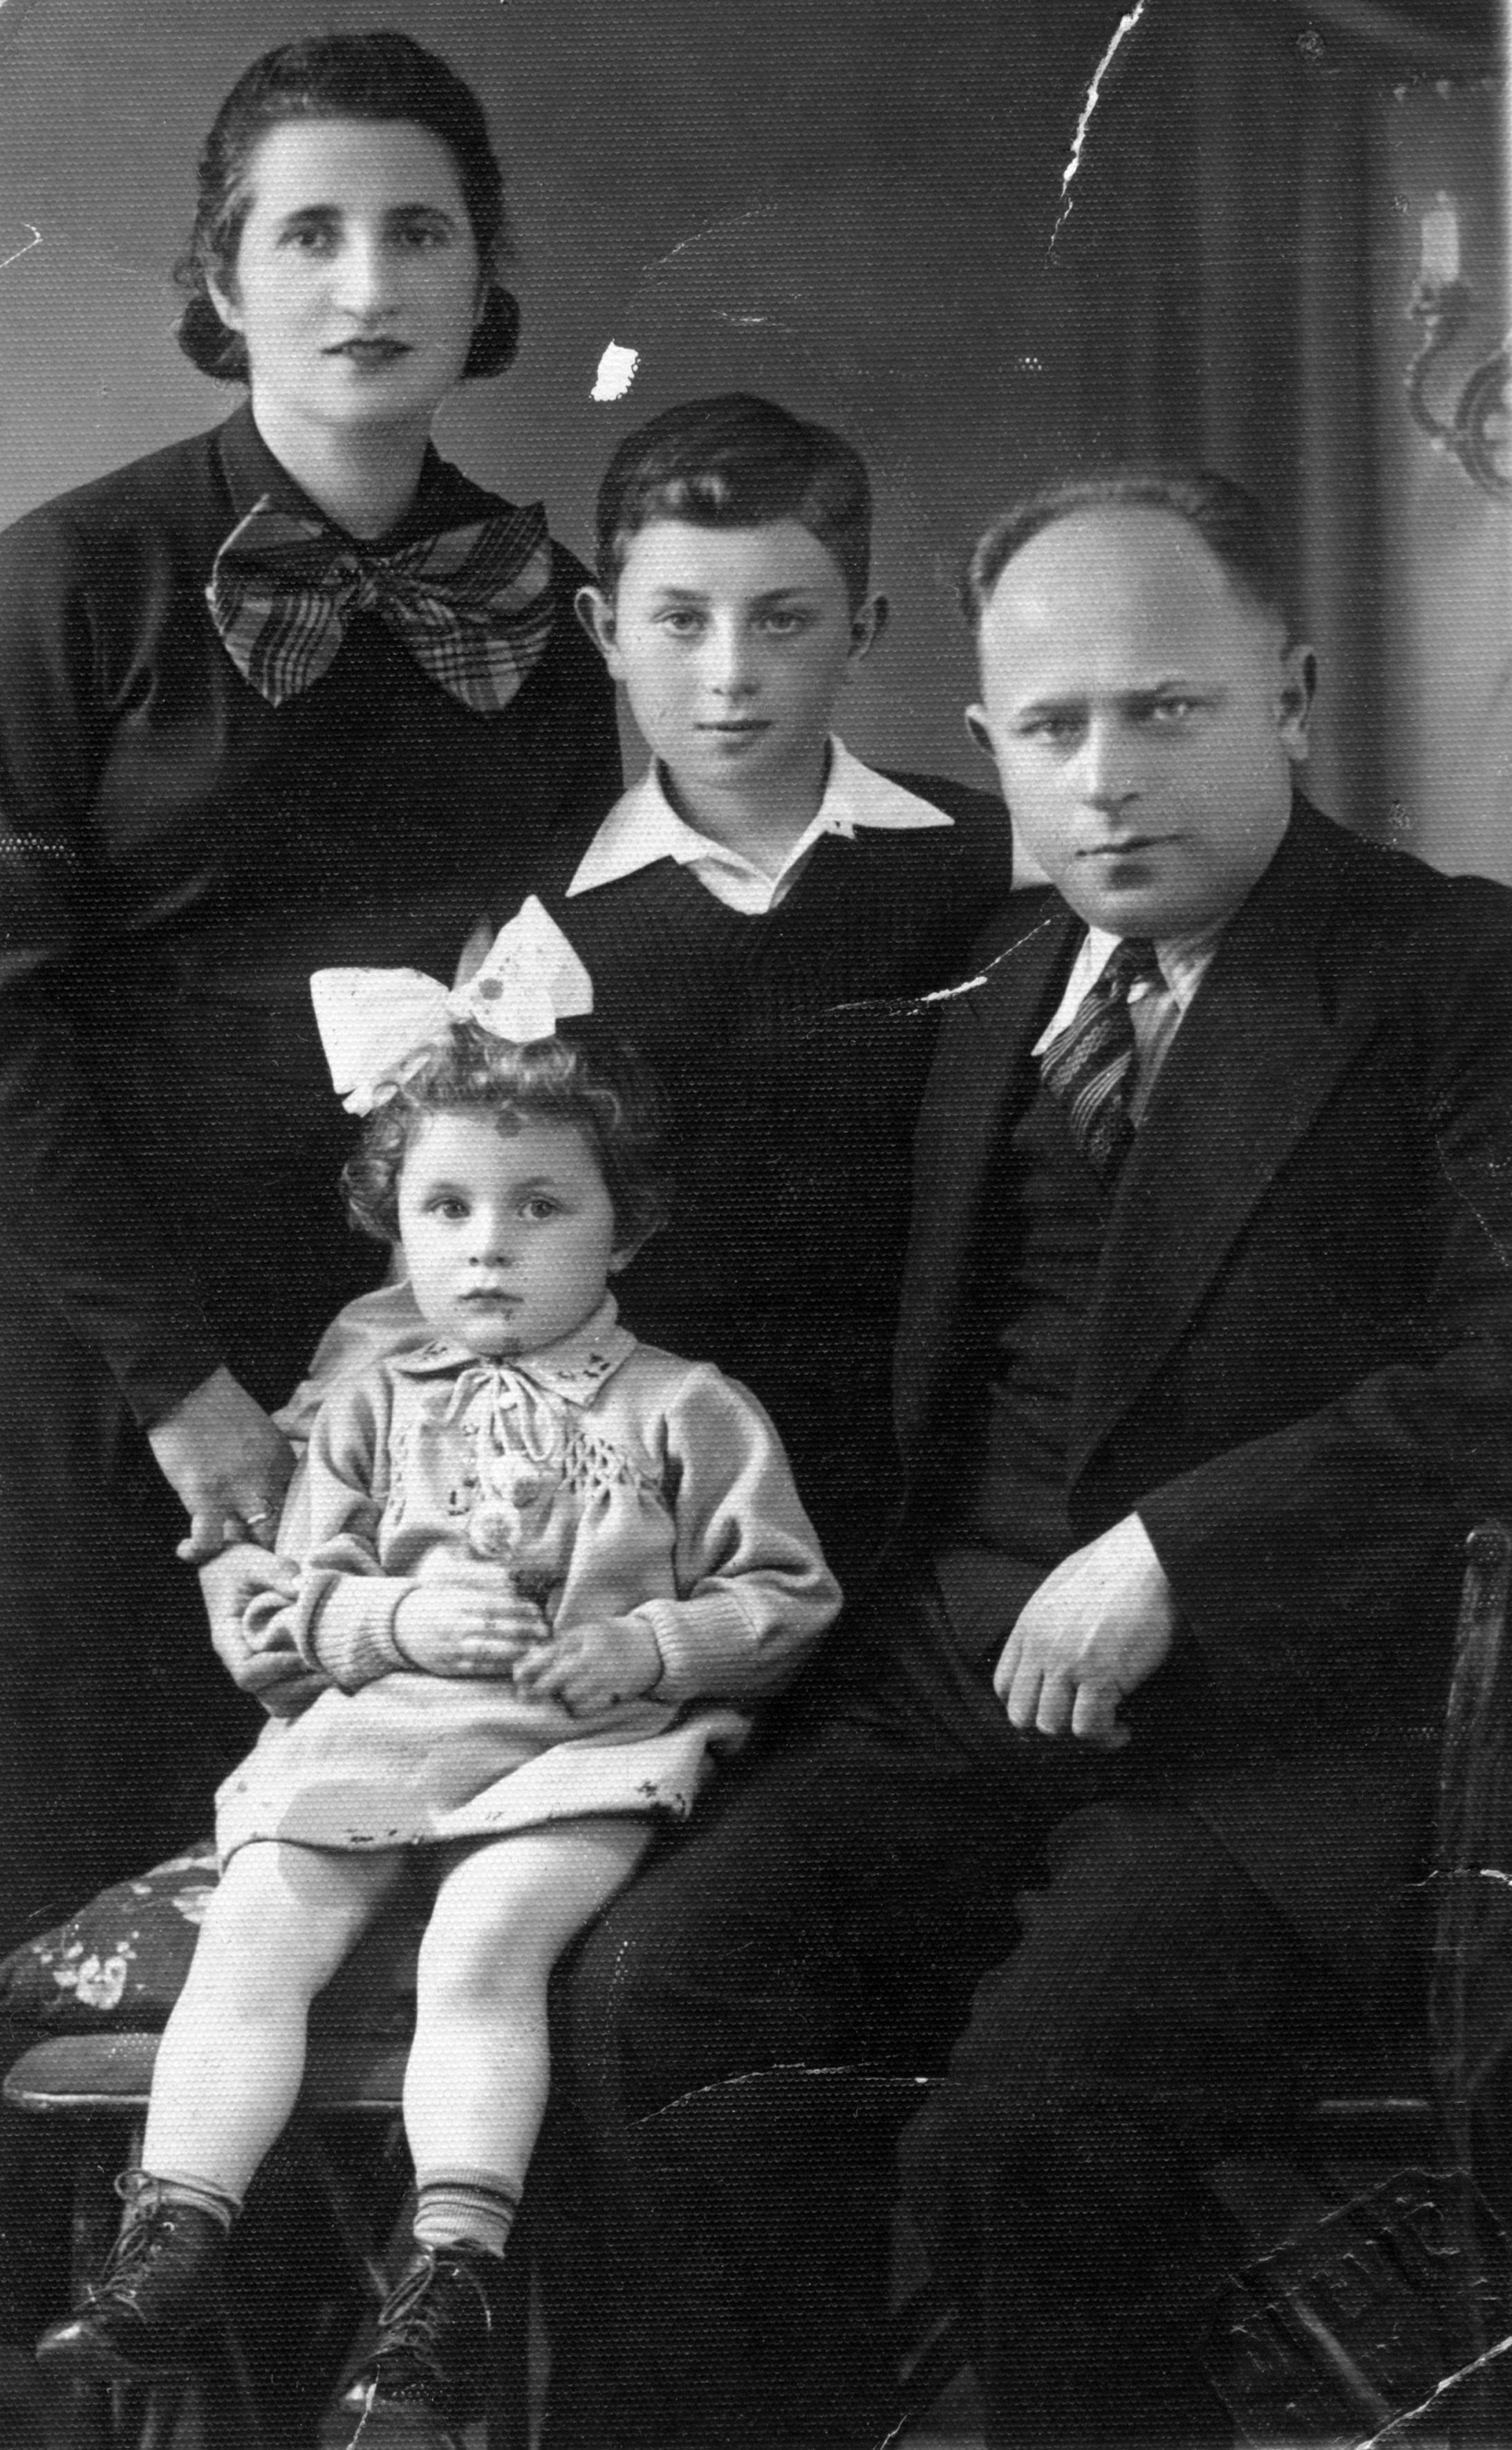 Ranana Malkhanova and her family